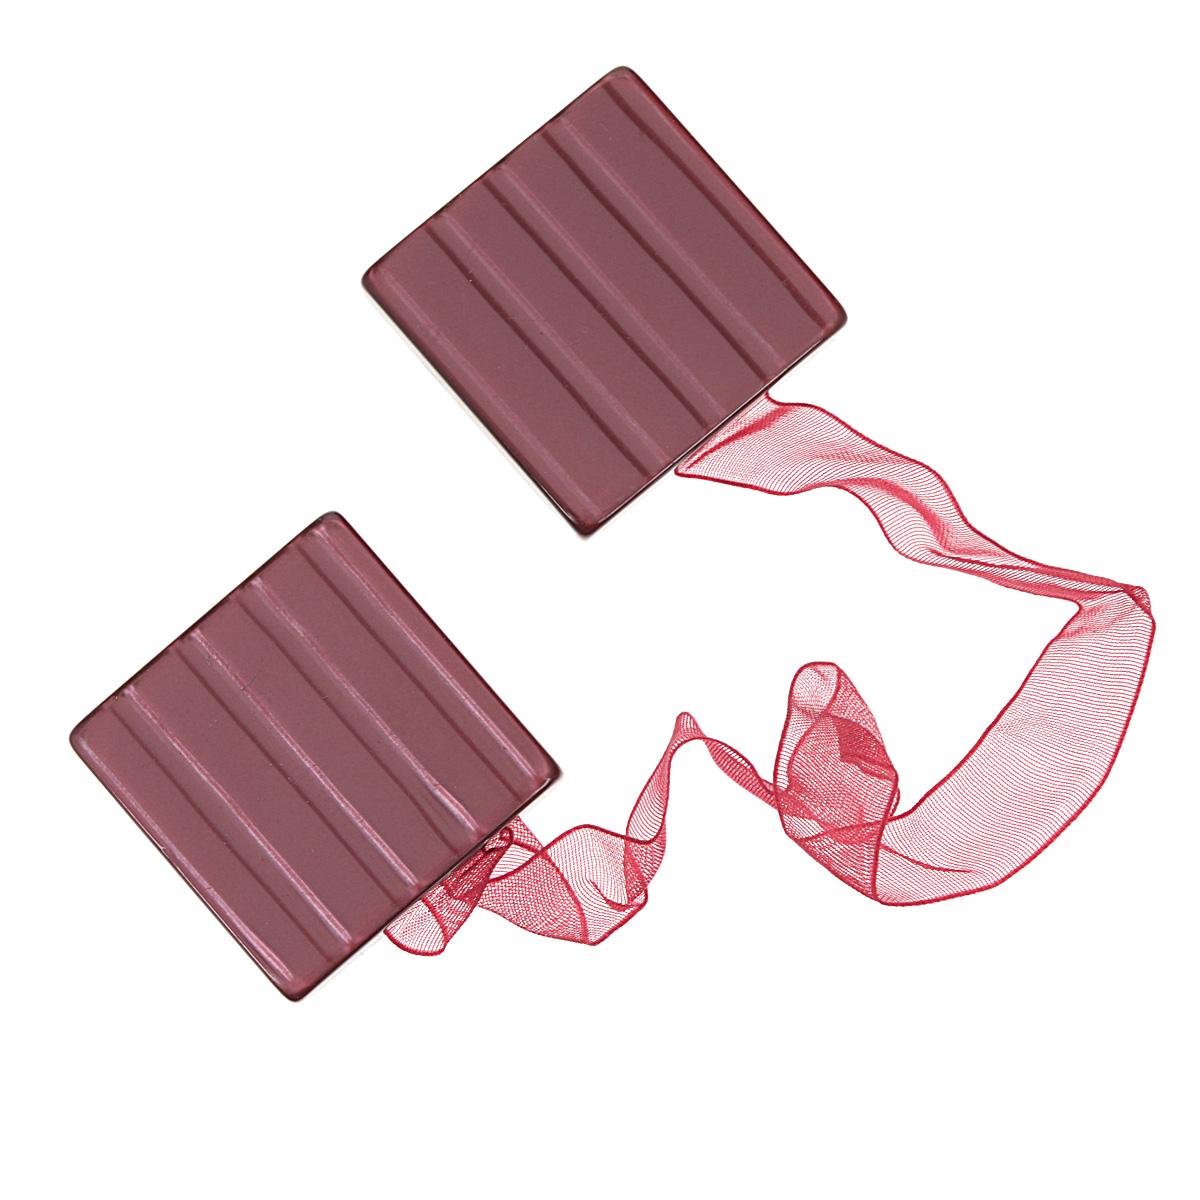 Клипса-магнит для штор Calamita Fiore, цвет: темно-розовый. 7704024_6327704024_632Клипса-магнит Calamita Fiore, изготовленная из пластика и текстиля, предназначена для придания формы шторам. Изделие представляет собой два магнита квадратной формы, расположенные на разных концах текстильной ленты. С помощью такой магнитной клипсы можно зафиксировать портьеры, придать им требуемое положение, сделать складки симметричными или приблизить портьеры, скрепить их. Клипсы для штор являются универсальным изделием, которое превосходно подойдет как для штор в детской комнате, так и для штор в гостиной. Следует отметить, что клипсы для штор выполняют не только практическую функцию, но также являются одной из основных деталей декора этого изделия, которая придает шторам восхитительный, стильный внешний вид. Материал: пластик, магнит, полиэстер.Размер клипсы: 3,5 см х 3,5 см.Длина ленты: 28 см.